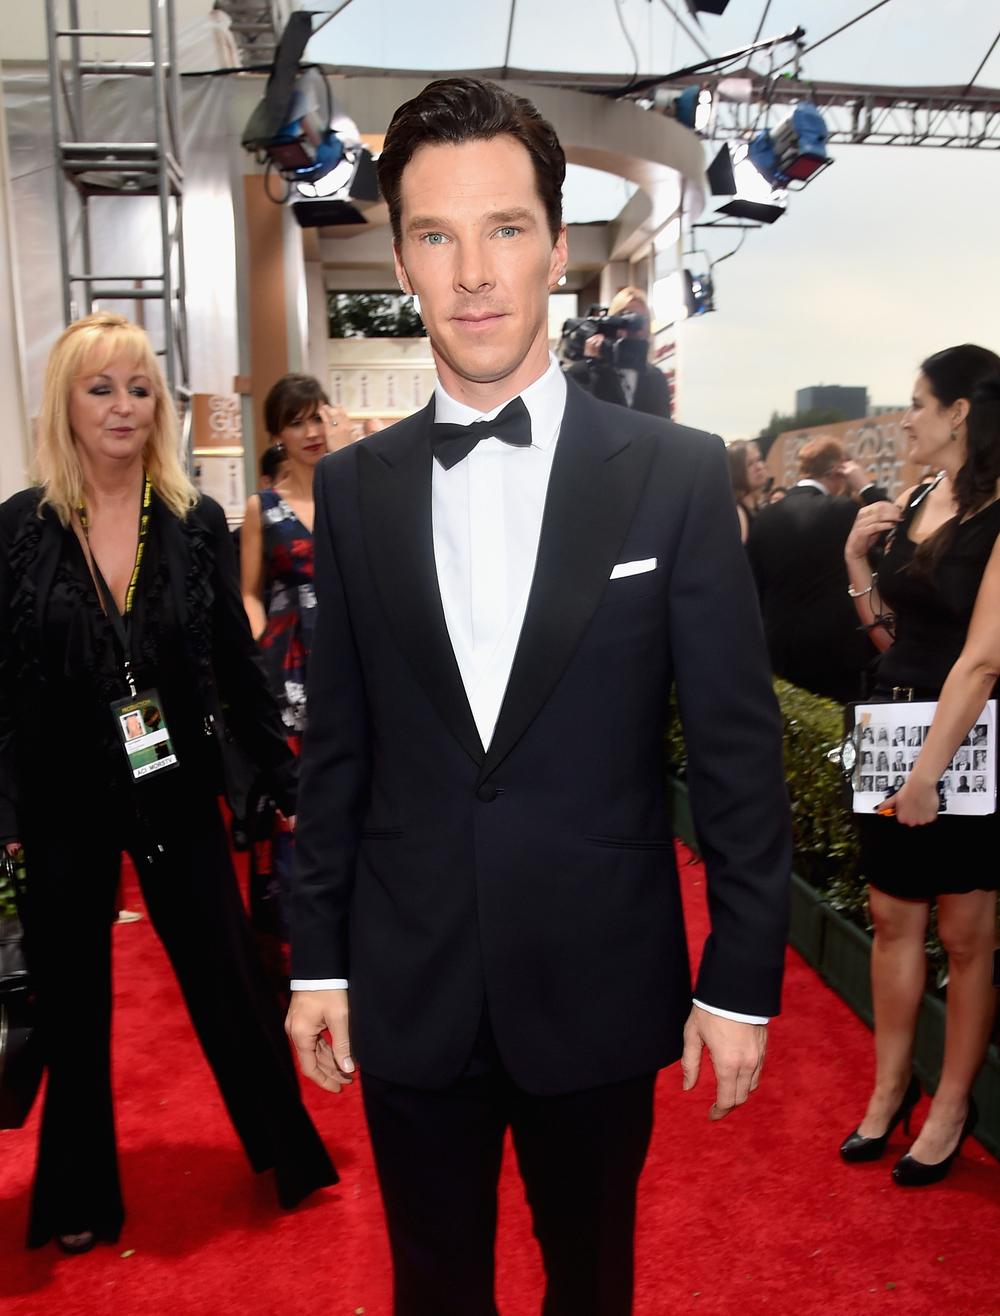 Considerado por muitos (inclusive por nós) como um dos homens mais bem vestidos do planeta, o inglês Benedict Cumberbatch também mostrou que na maioria das vezes a simplicidade é a melhor escolha. Seu smoking de lapela encorpada e lenço no bolso foi digno de prêmio, mesmo que o Globo de Ouro não tenha vindo dessa vez.